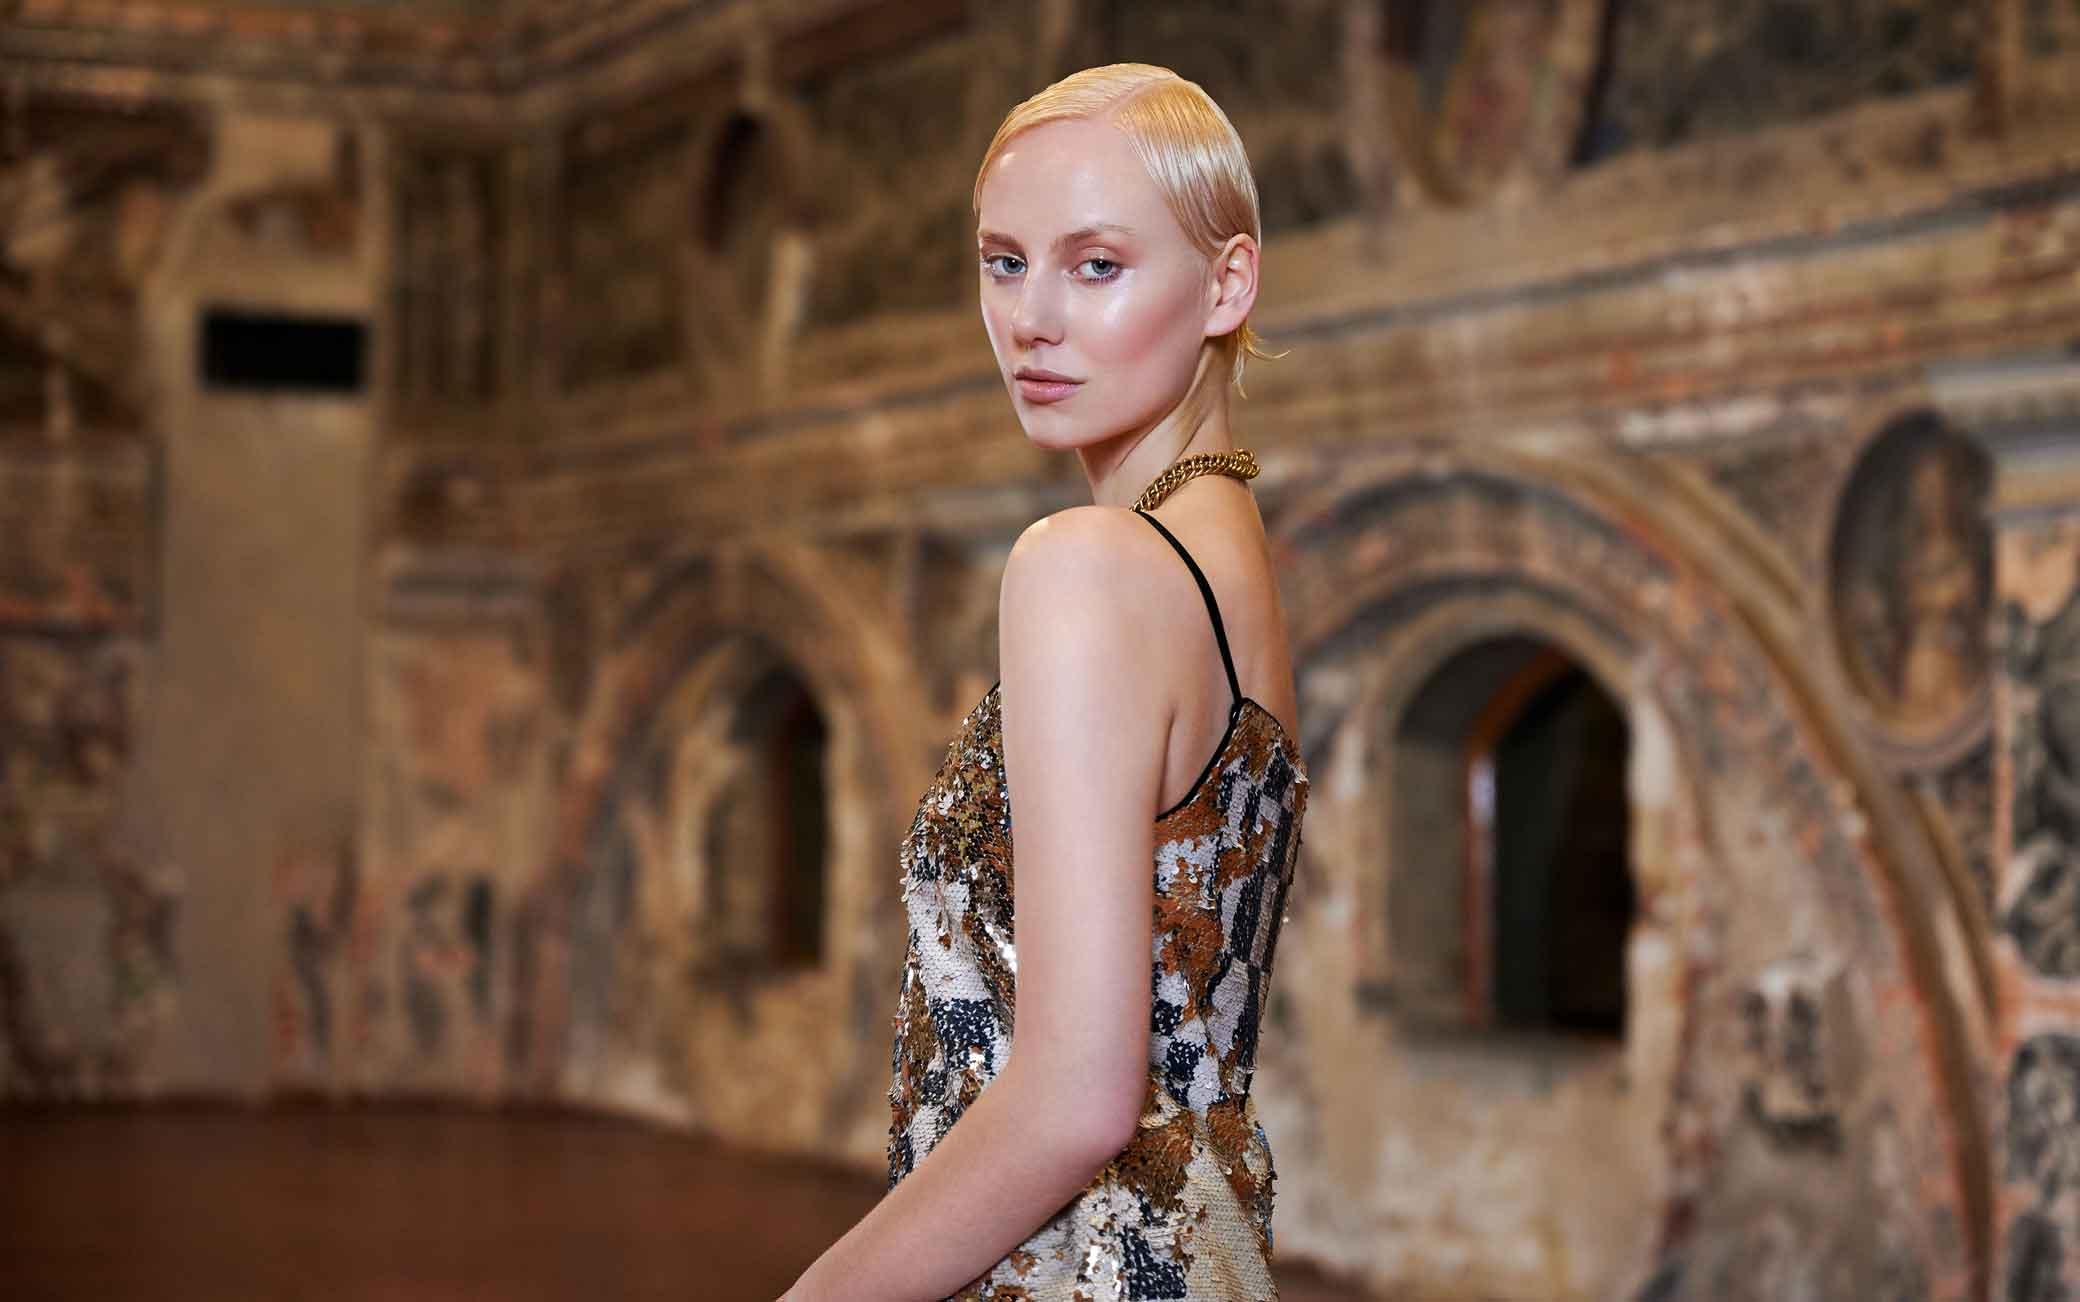 Moda capelli, acconciature per l'estate: semplicità e accessori